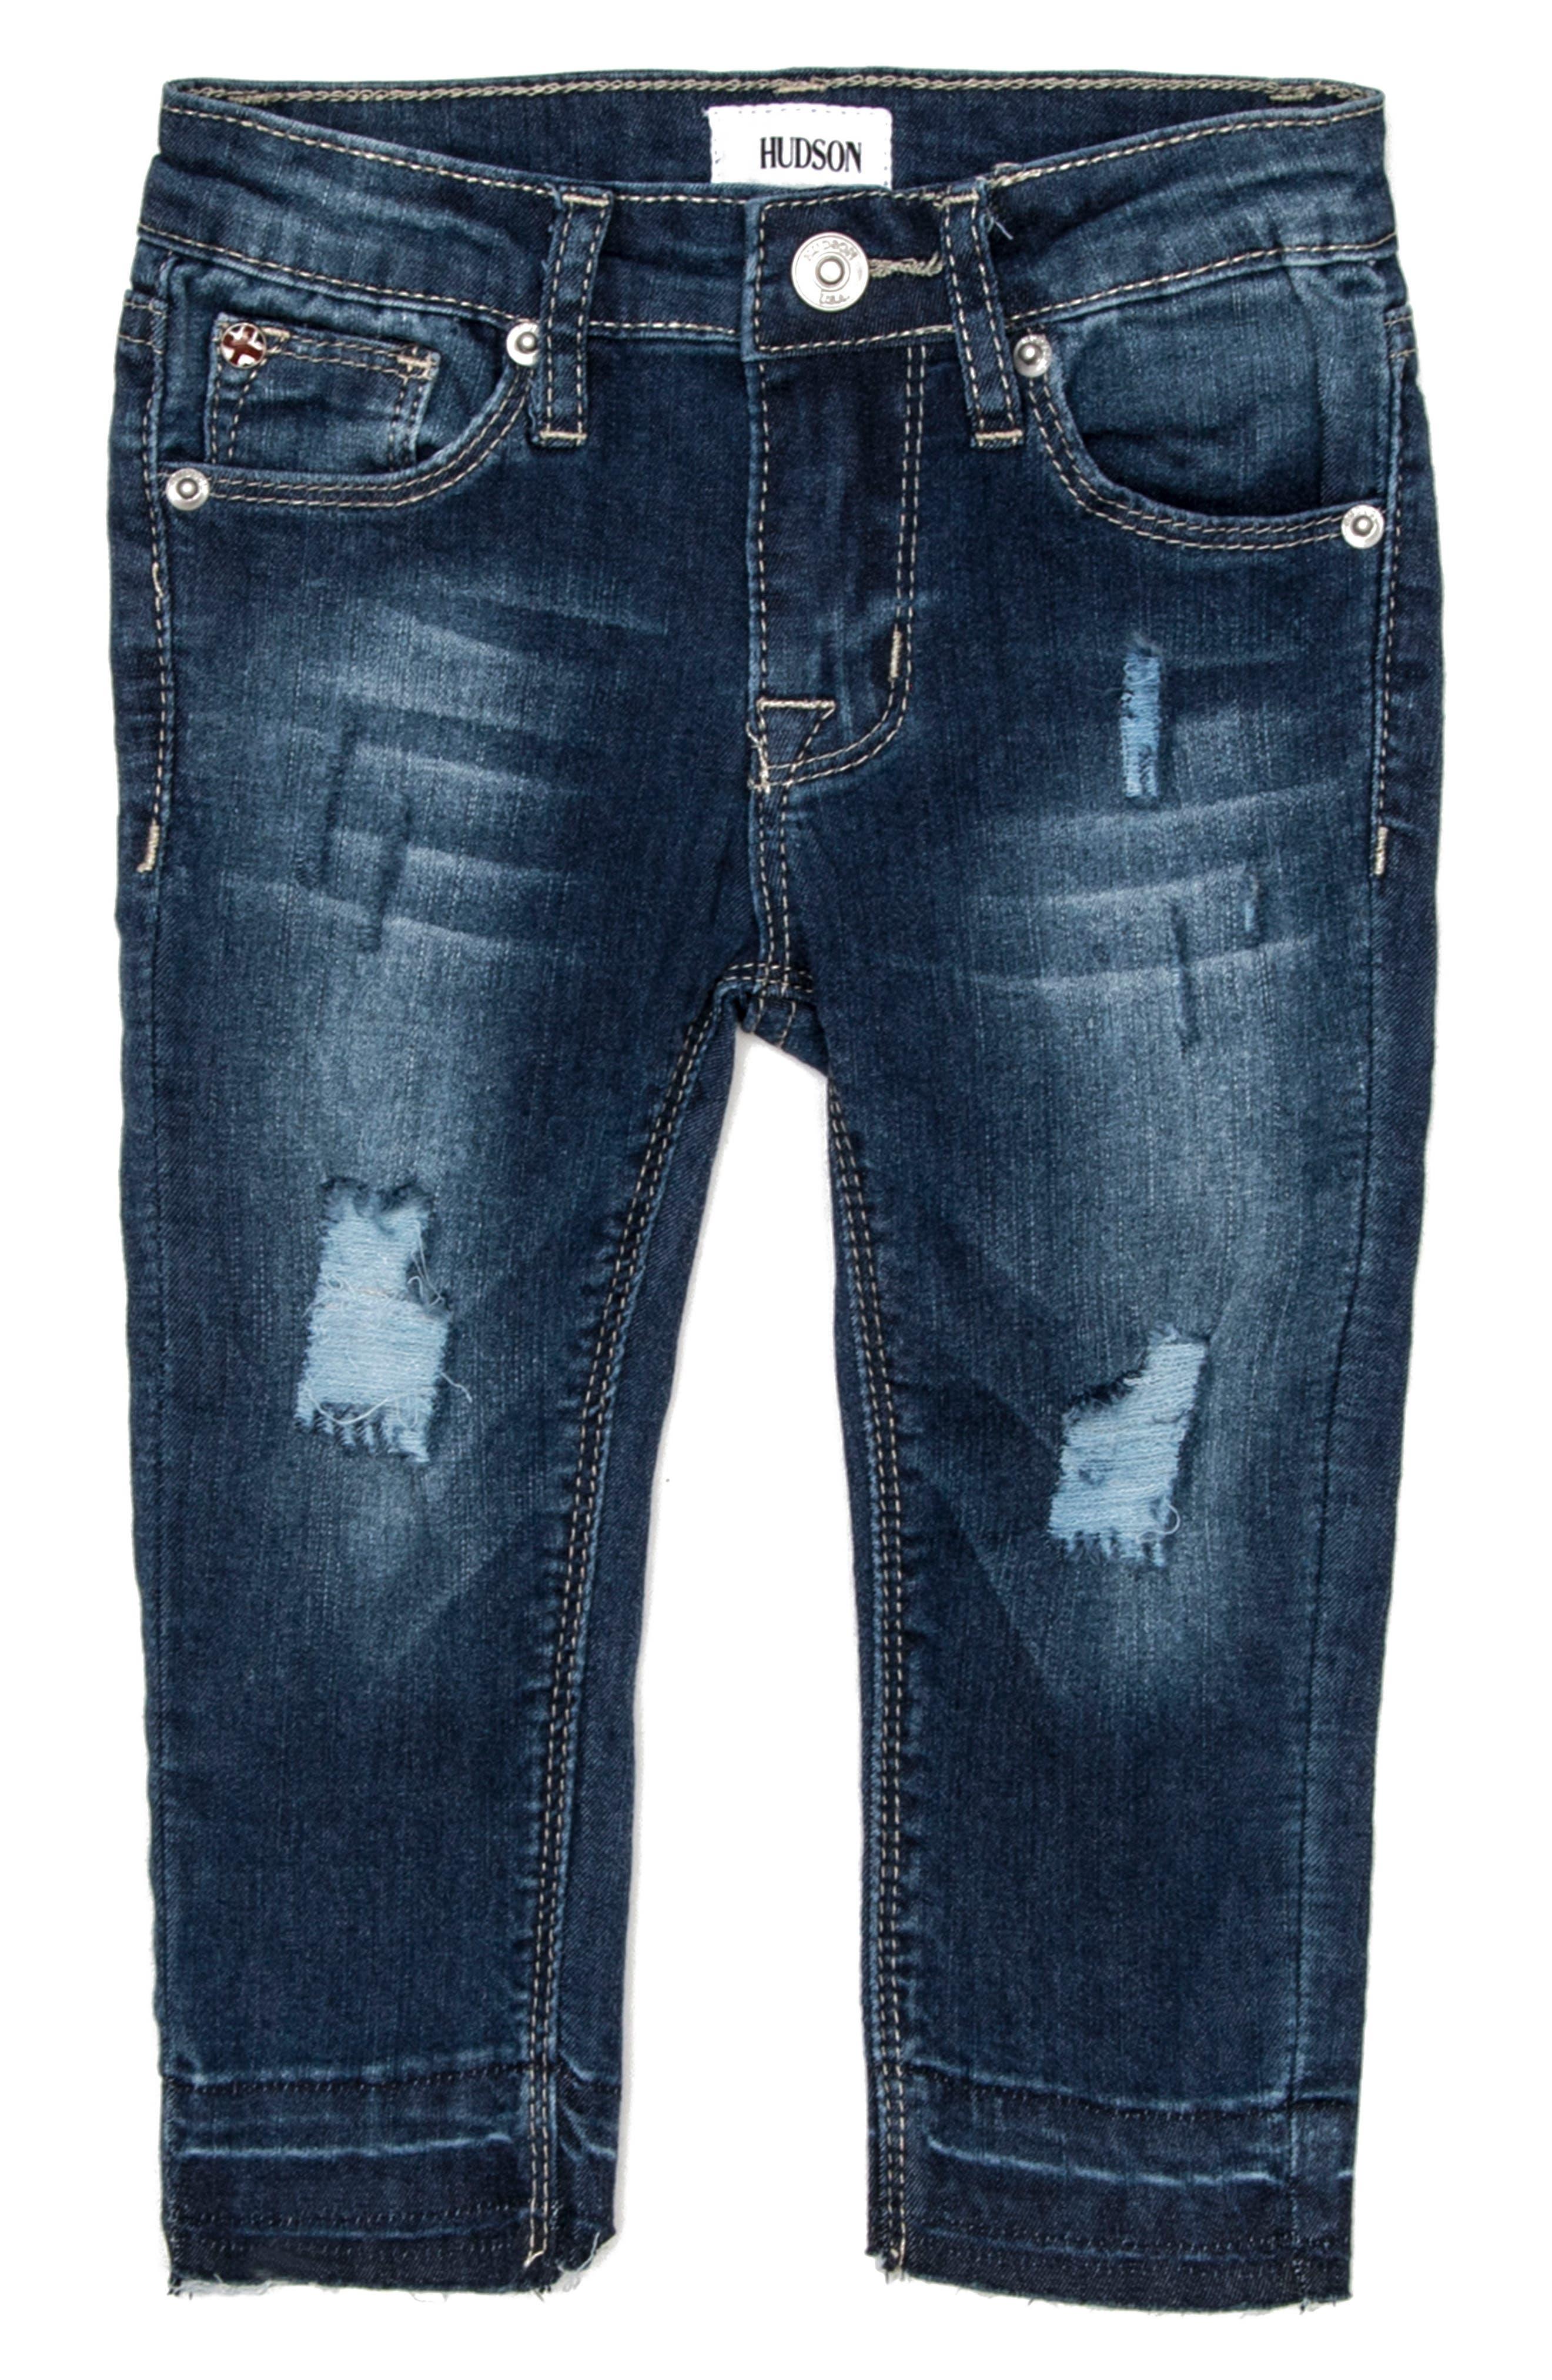 Christa Super Stretch Skinny Jeans,                         Main,                         color, Vintage Blue Wash